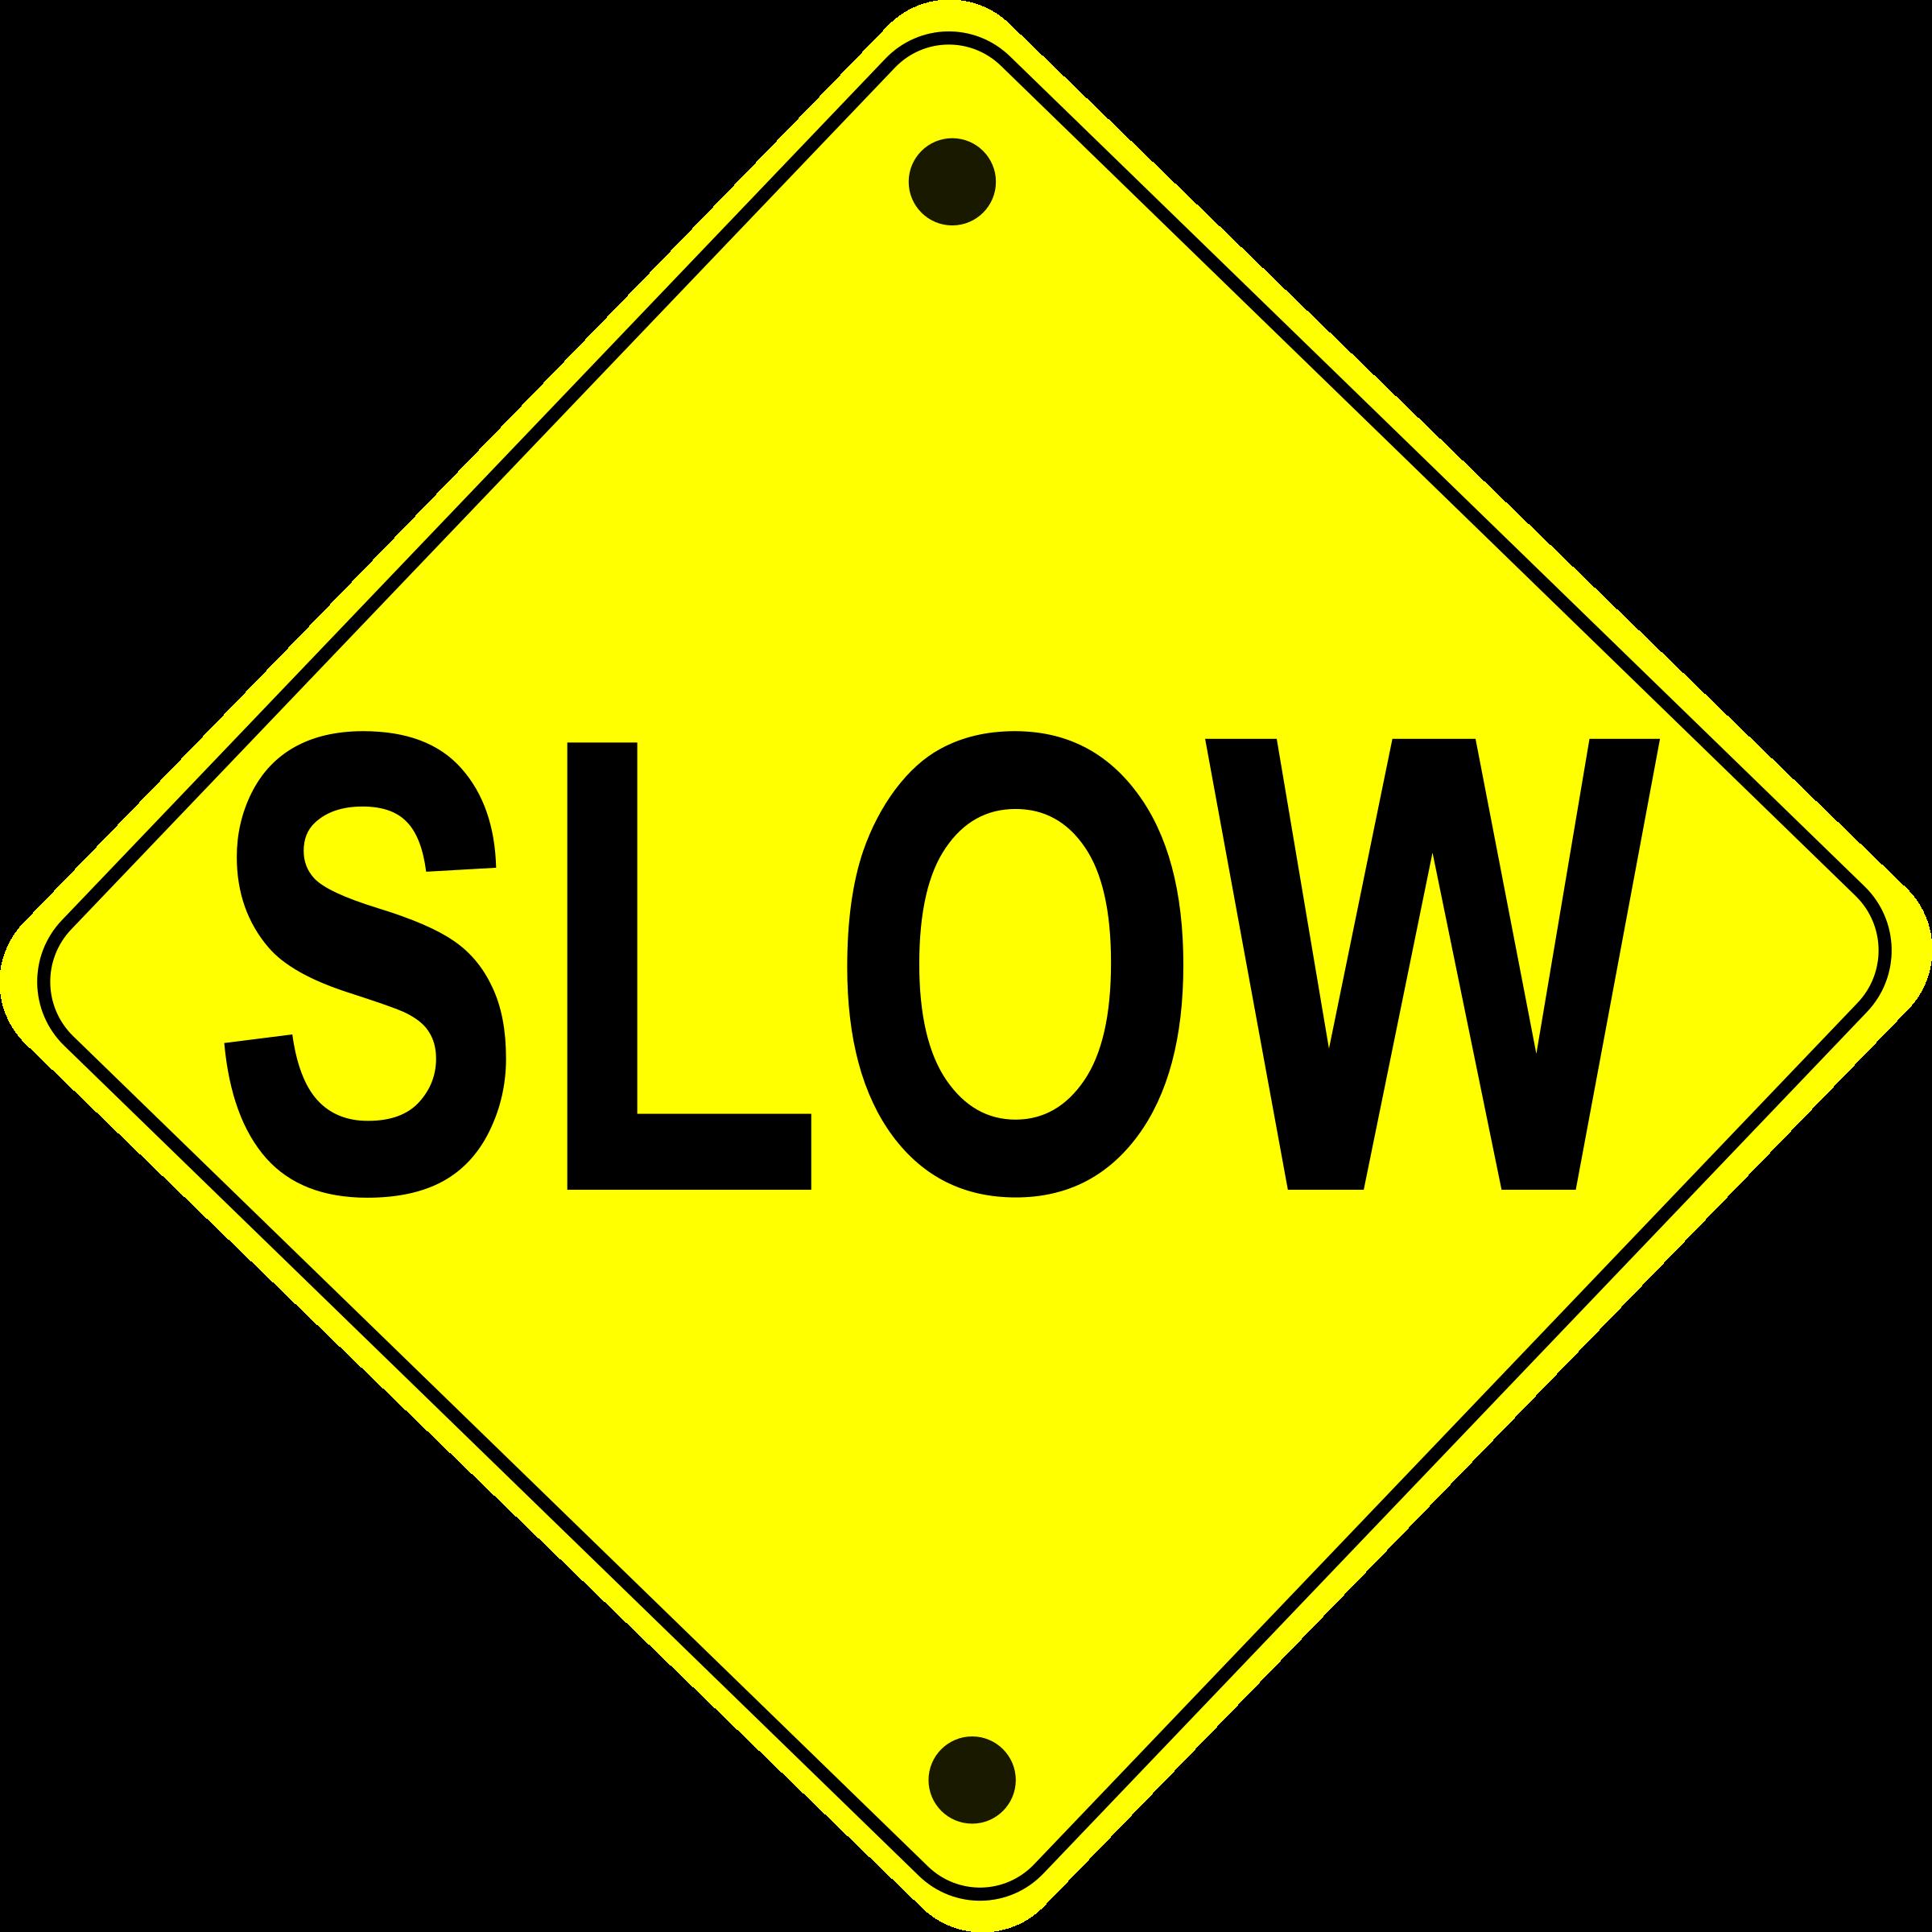 Highway winding road